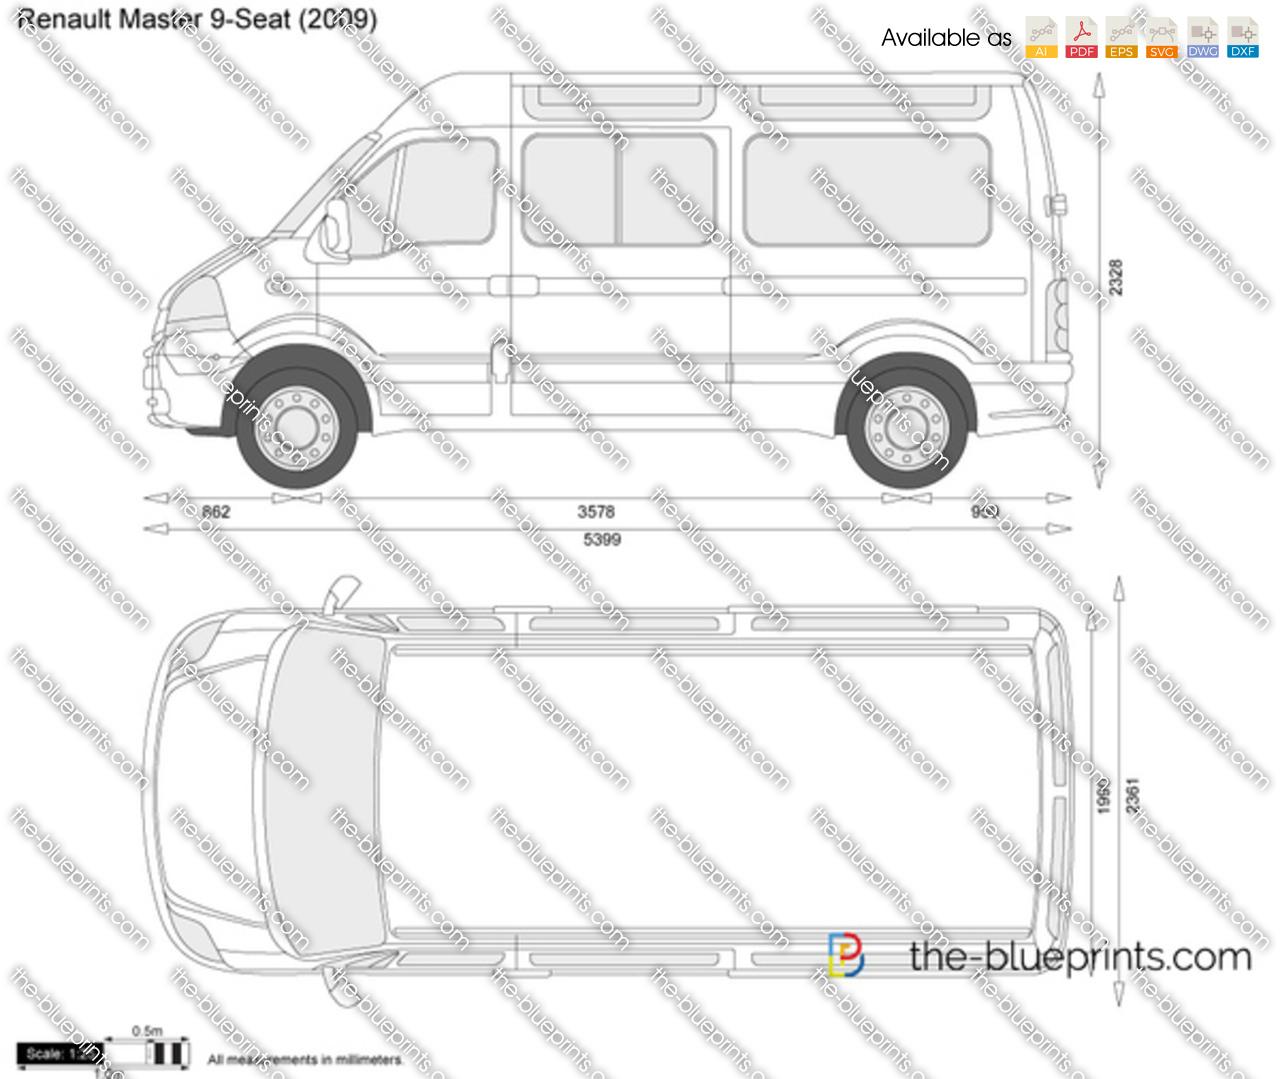 Renault Master 9-Seat 2006